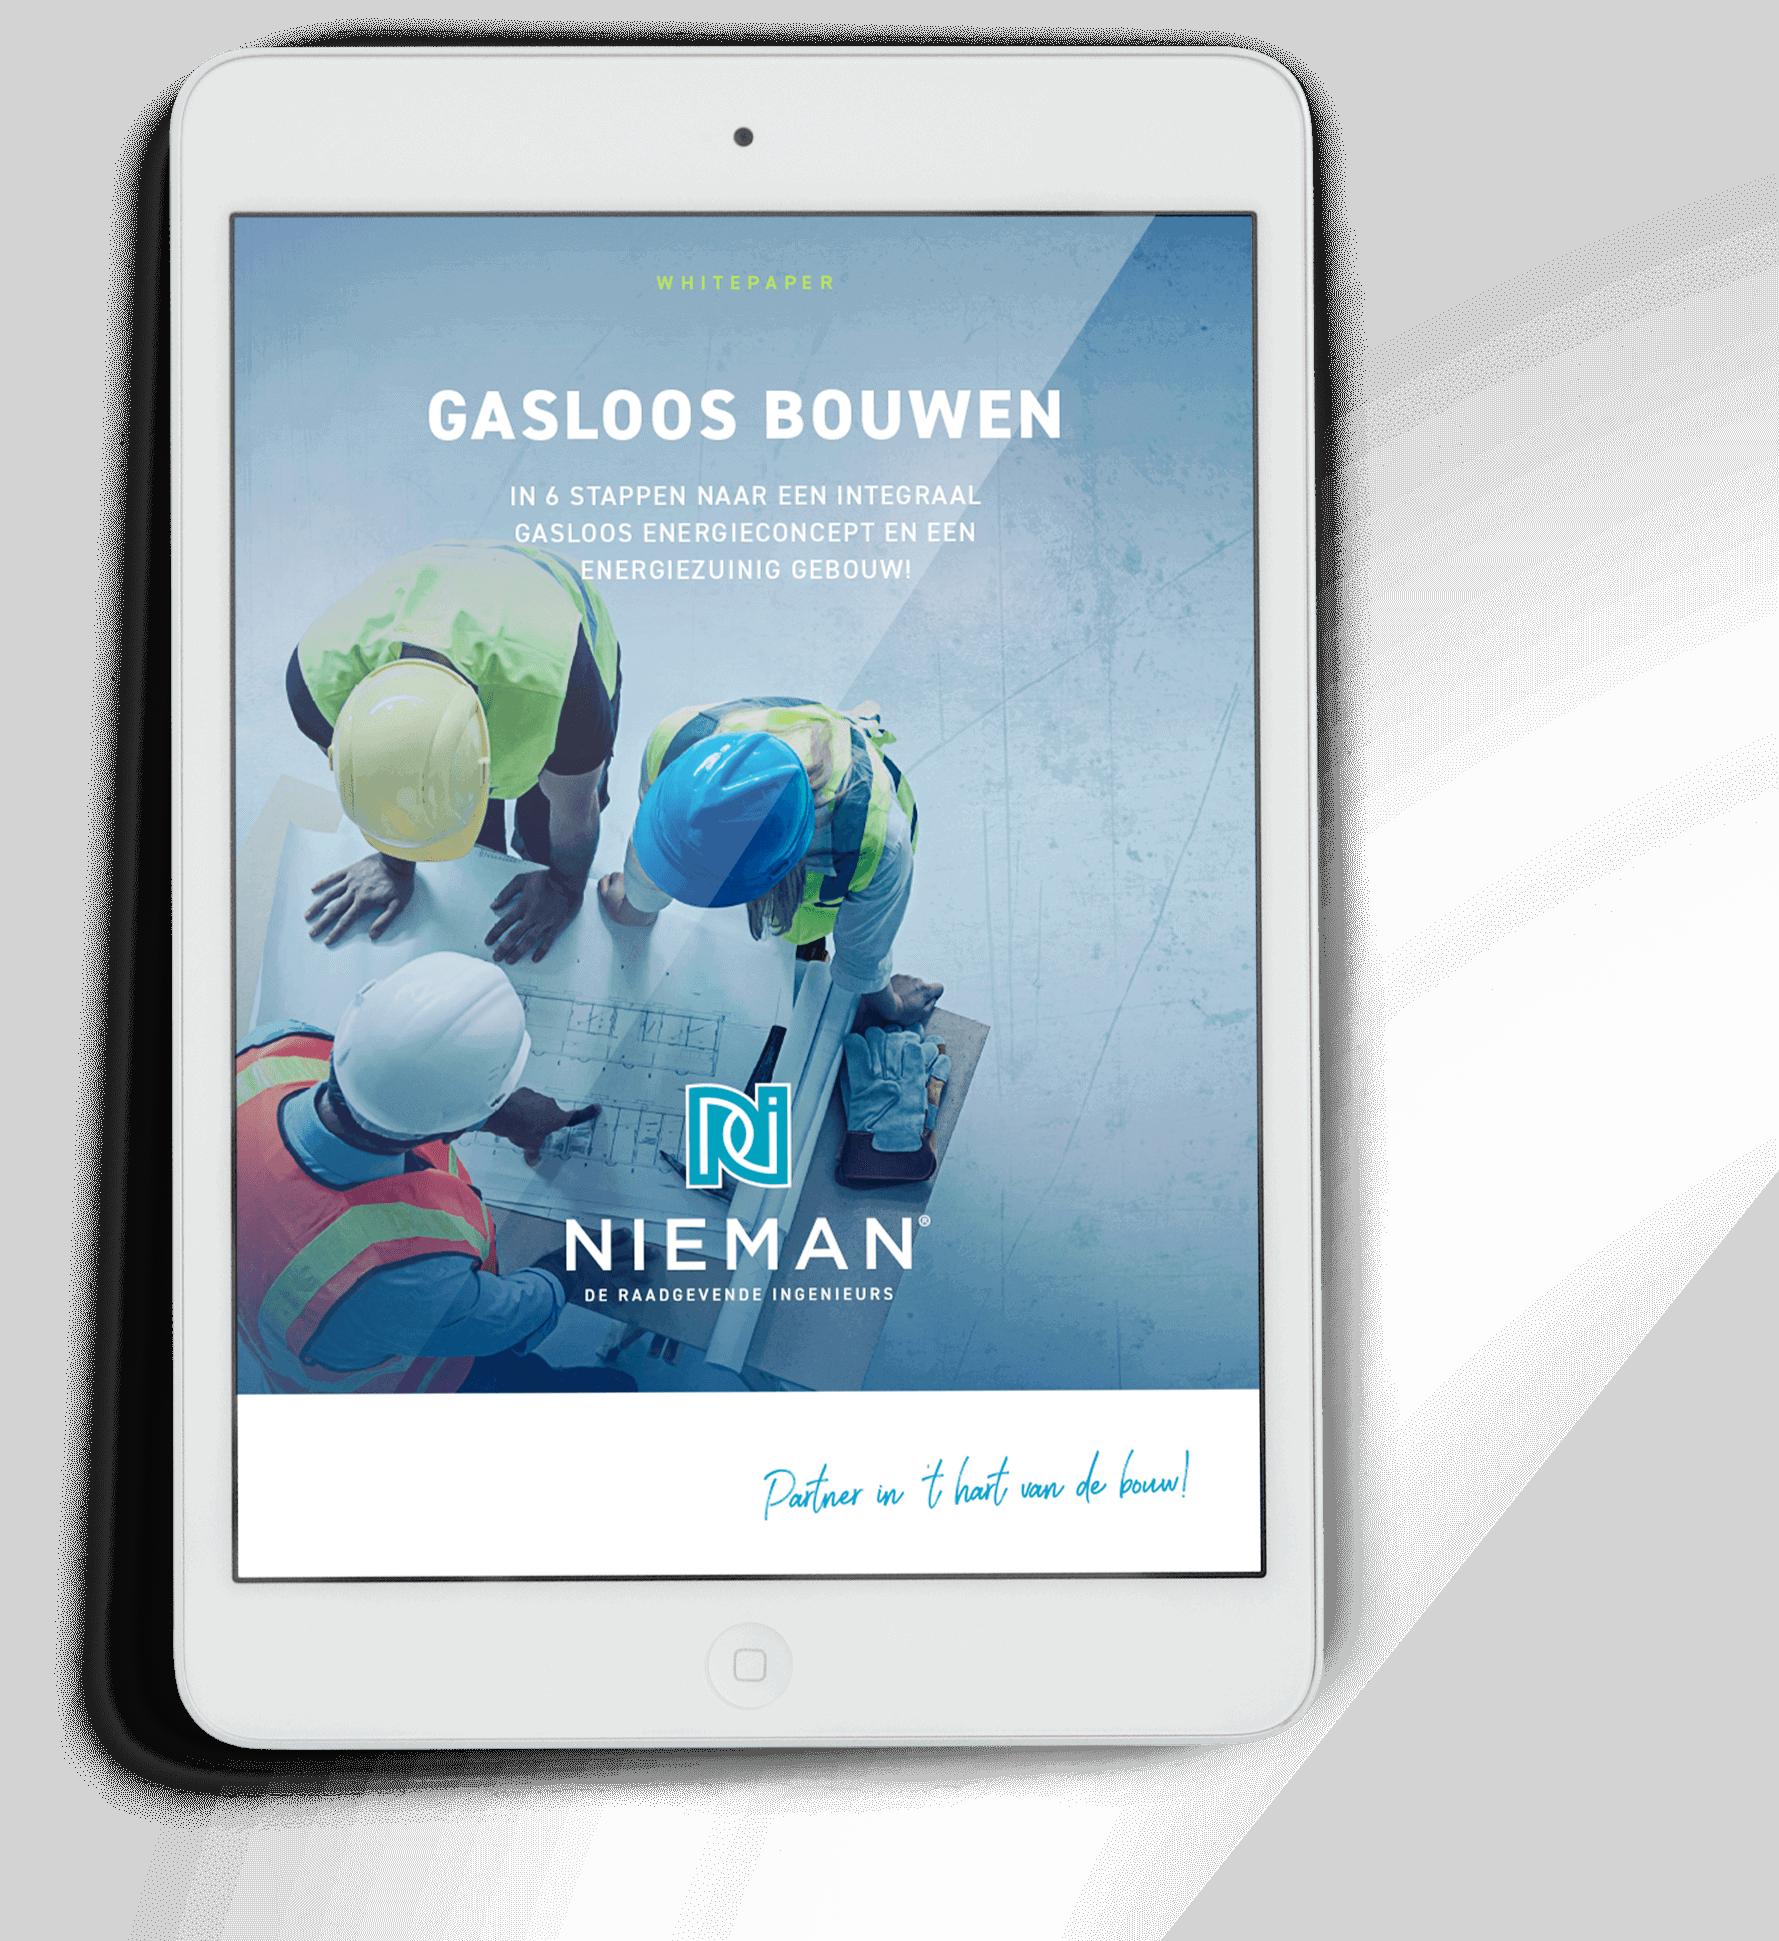 NIEMAN_whitepaper Gasloos Bouwen